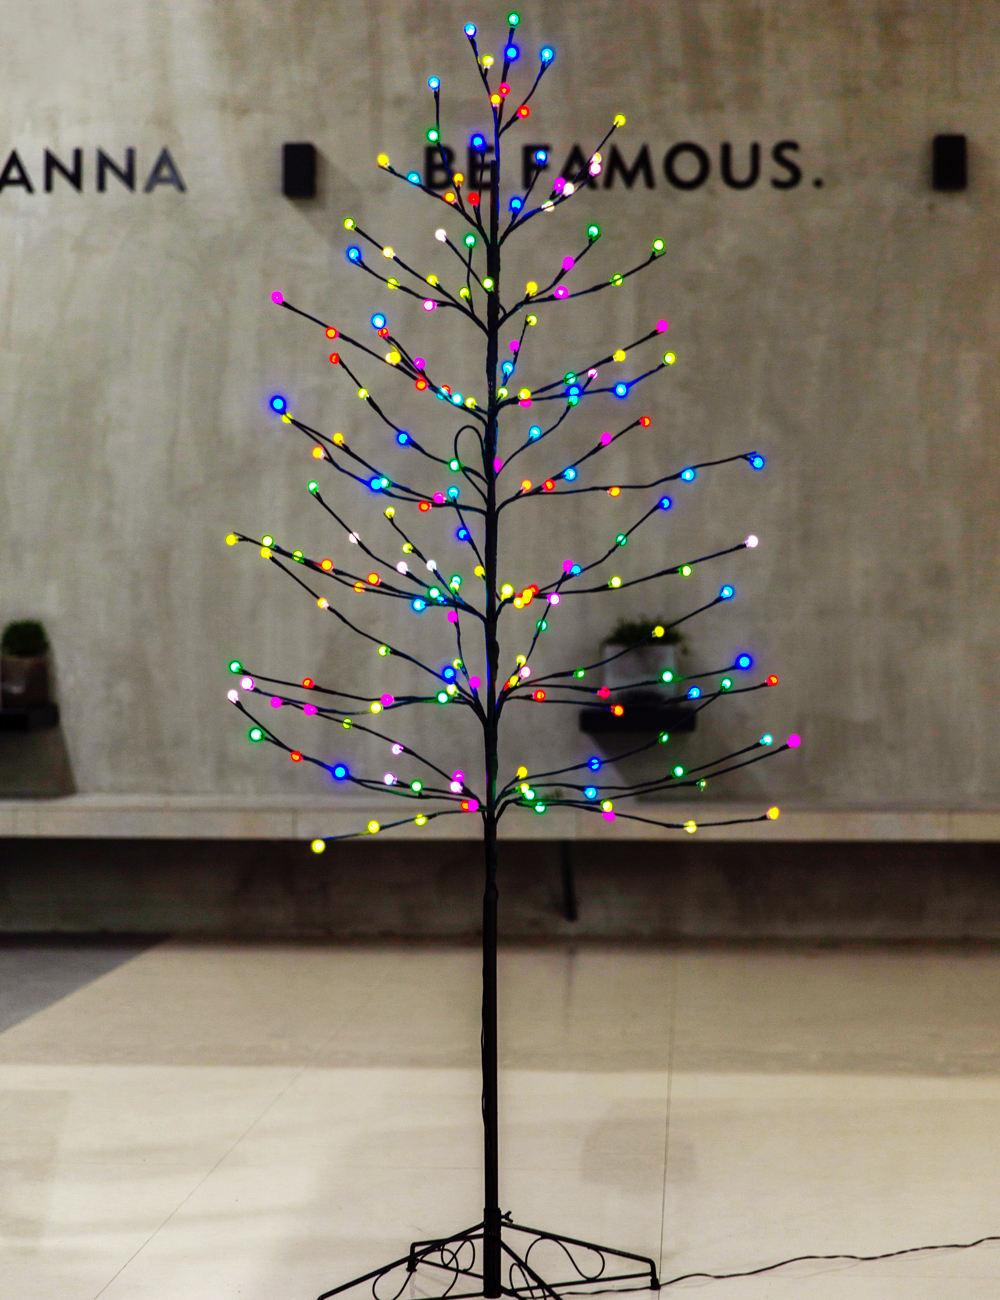 Bolylight LED colorido Fosco Bola de Natal Luzes Da Árvore de Decoração para Casa/Quarto/Festa